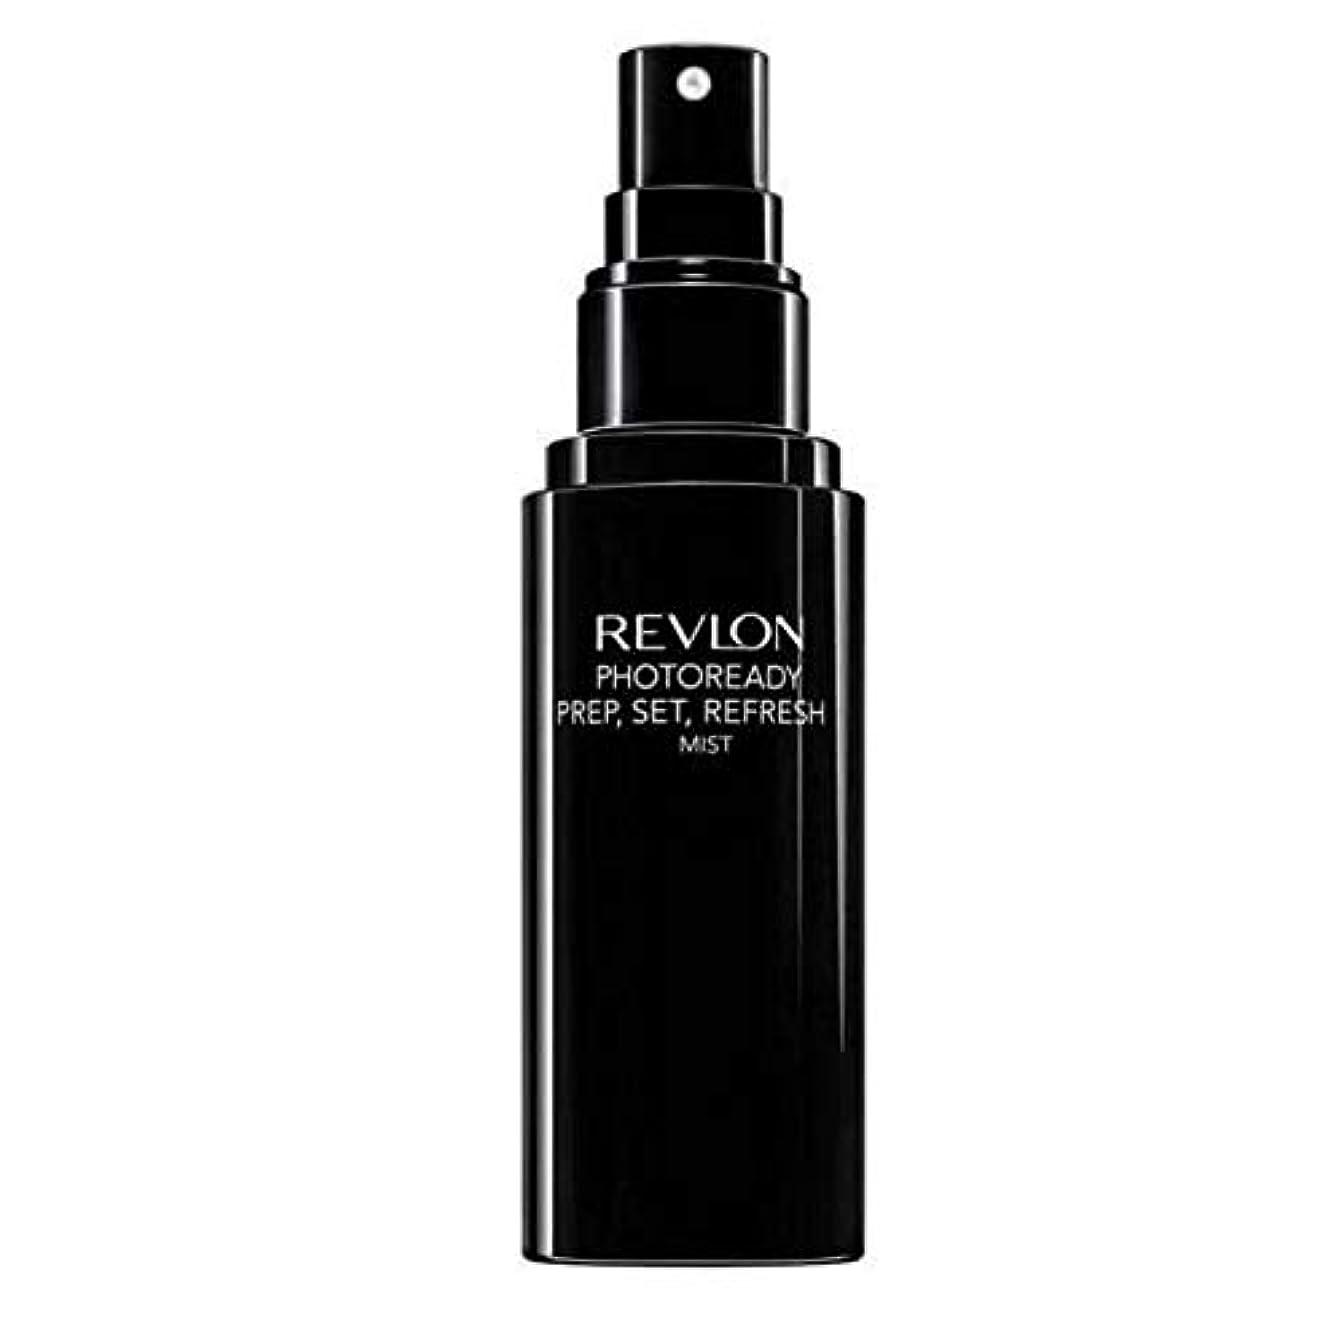 シールド余暇鹿[Revlon ] レブロンPhotoready準備、セット、リフレッシュミスト - Revlon PhotoReady Prep, Set, Refresh Mist [並行輸入品]